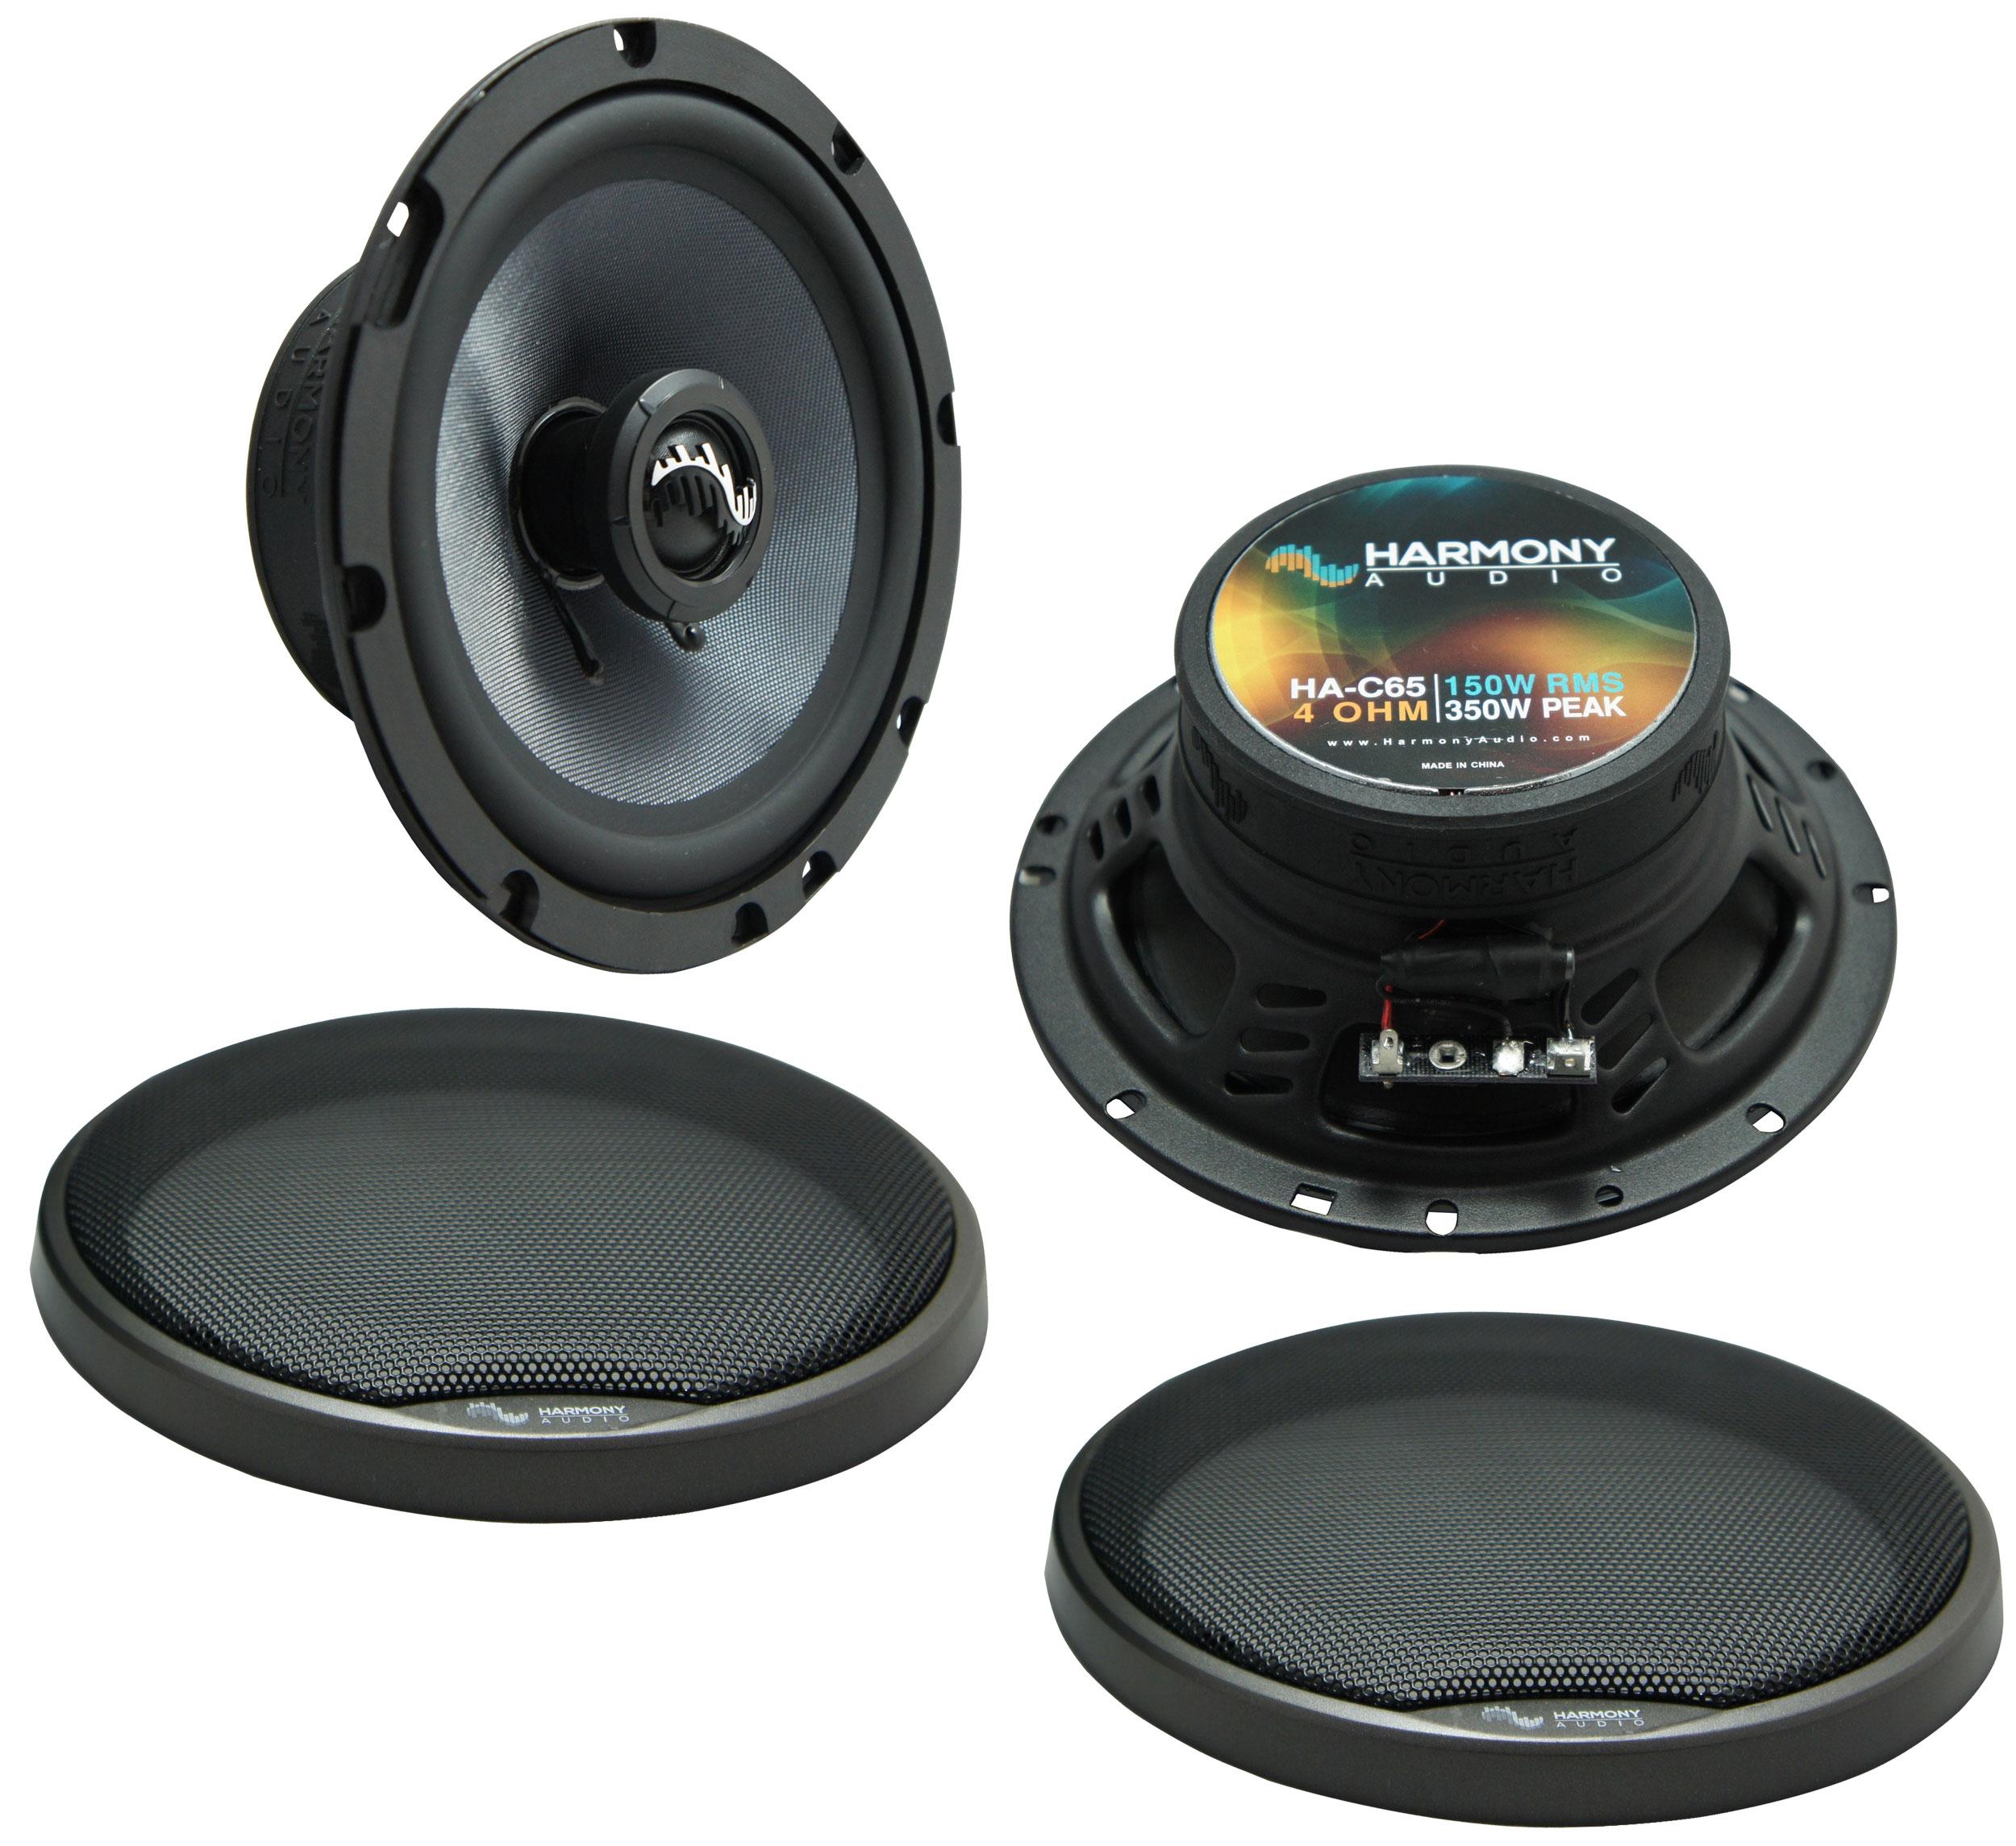 Fits BMW Z4 2003-2008 Front Door Replacement Speaker Harmony HA-C65 Premium Speakers New